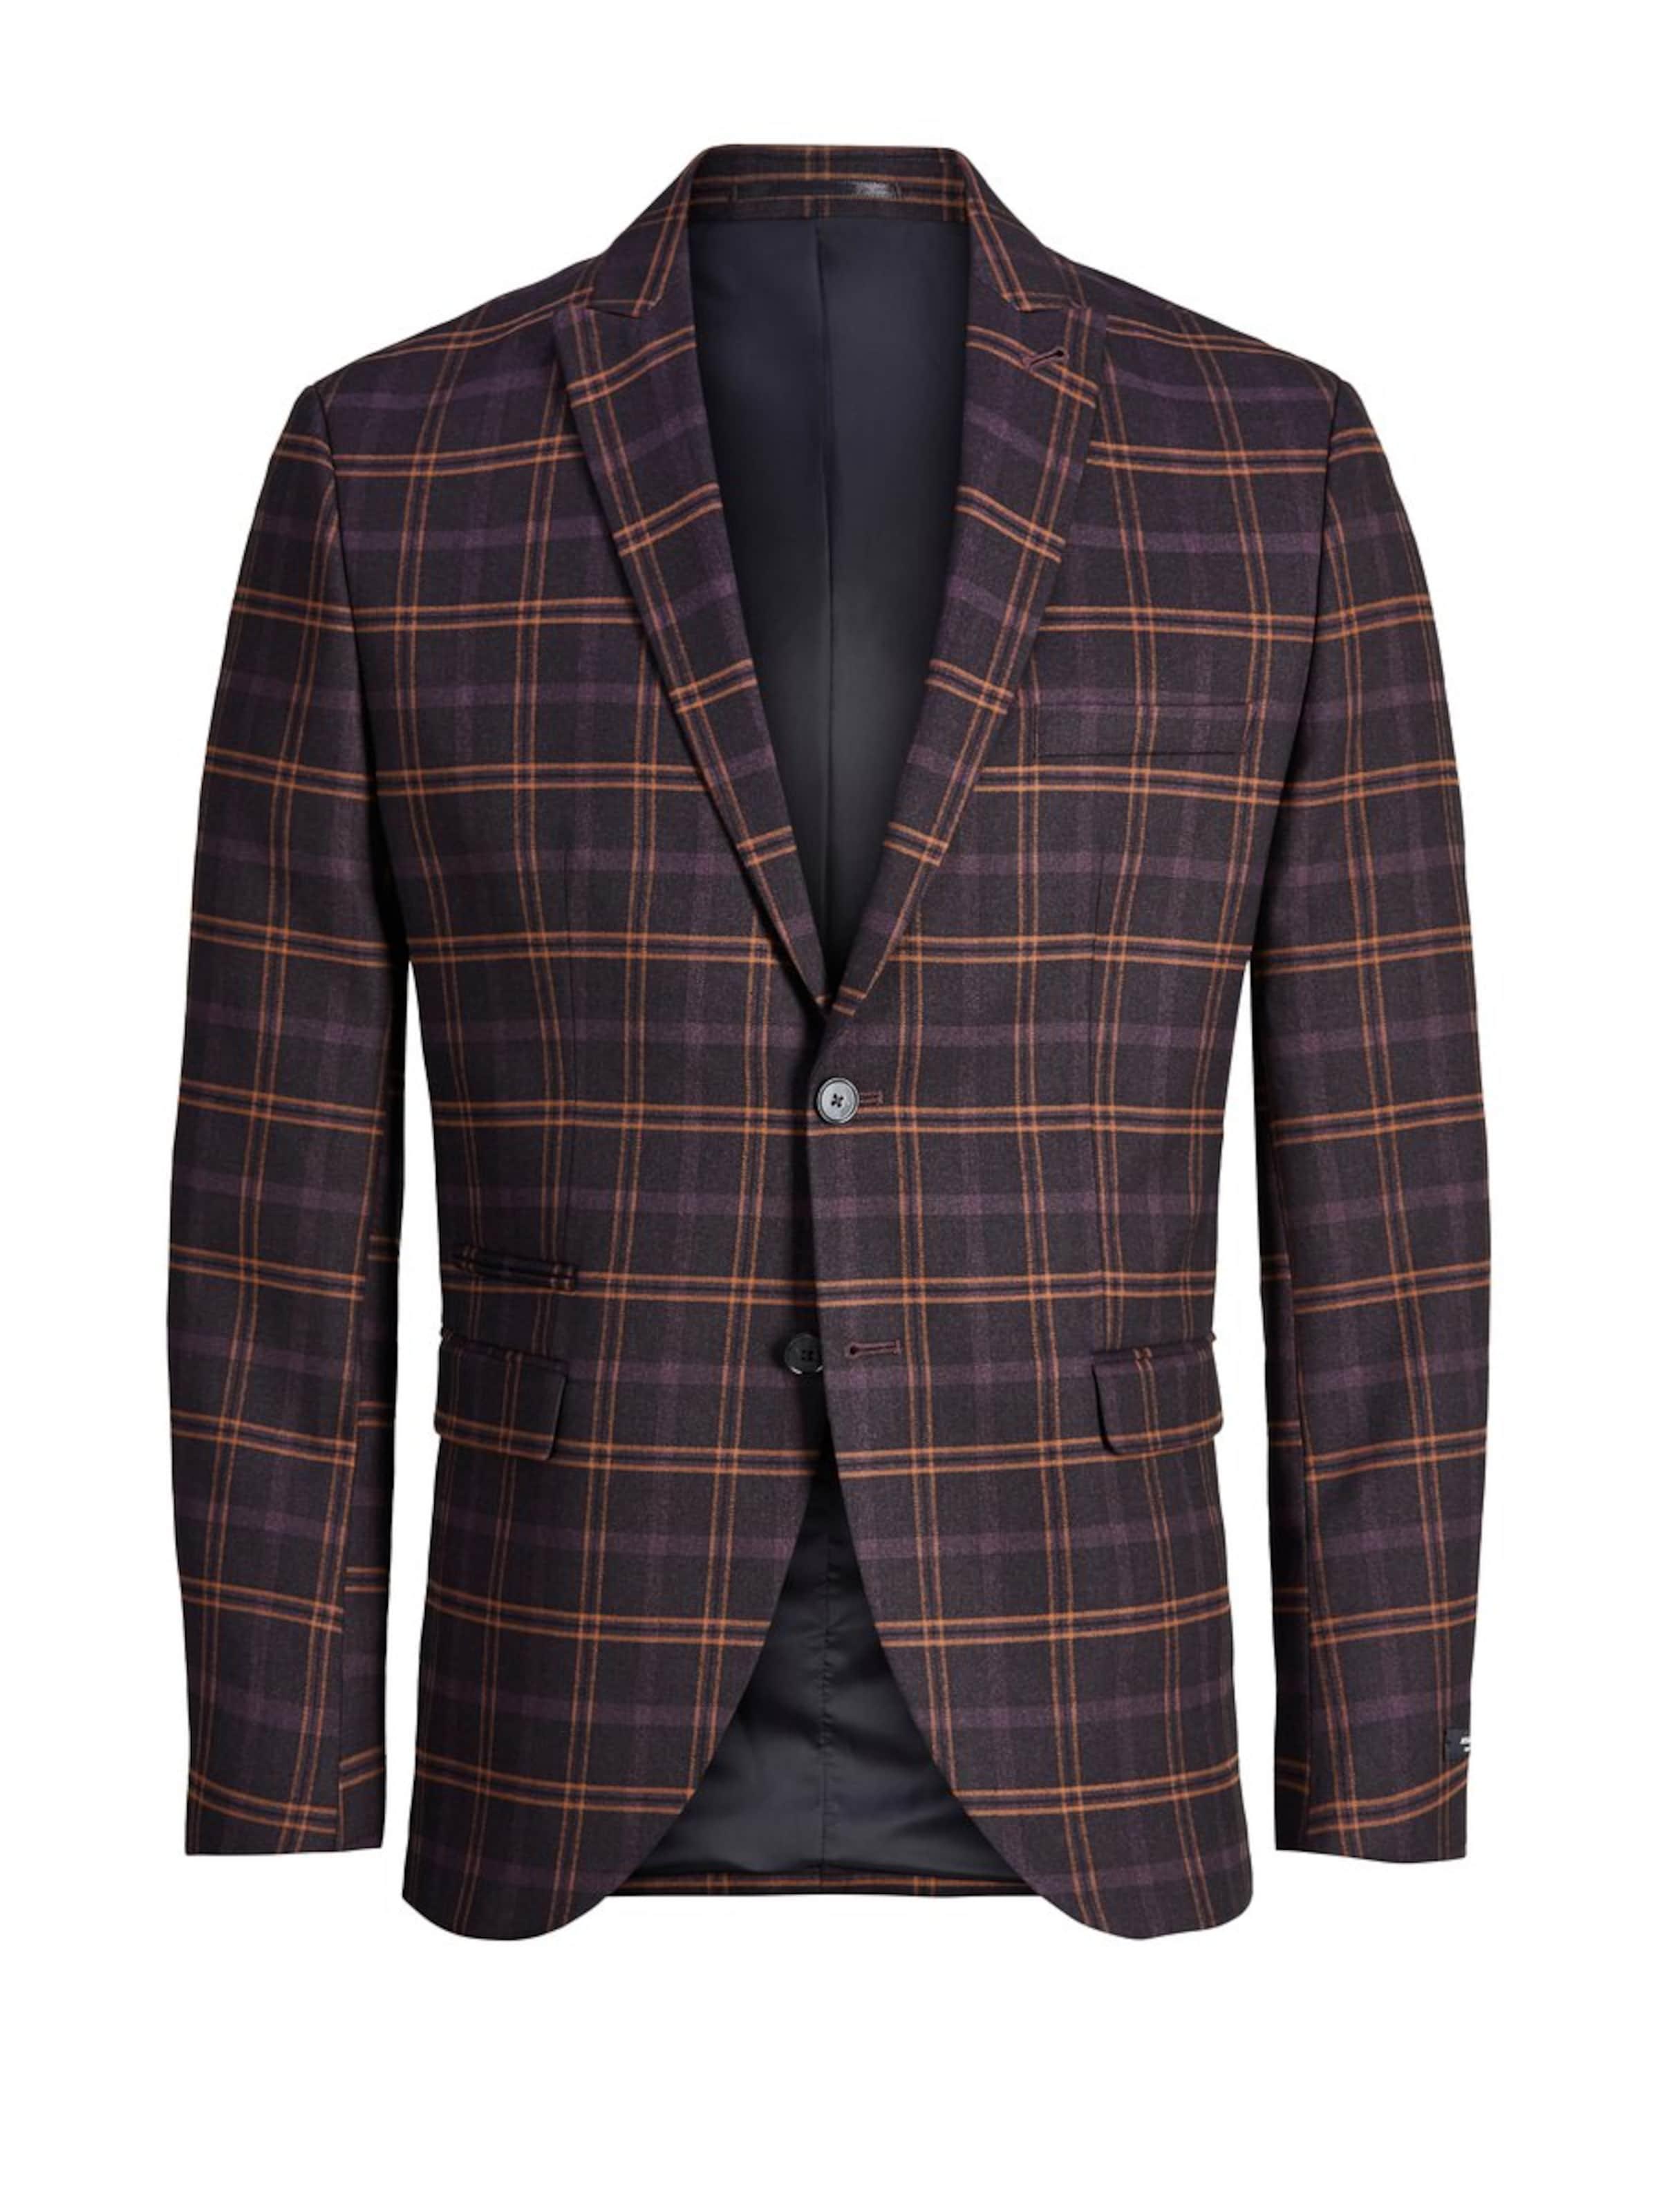 Jones In OrangePurpur Jackamp; In Jones Blazer Blazer Jackamp; WDEH2Yeb9I